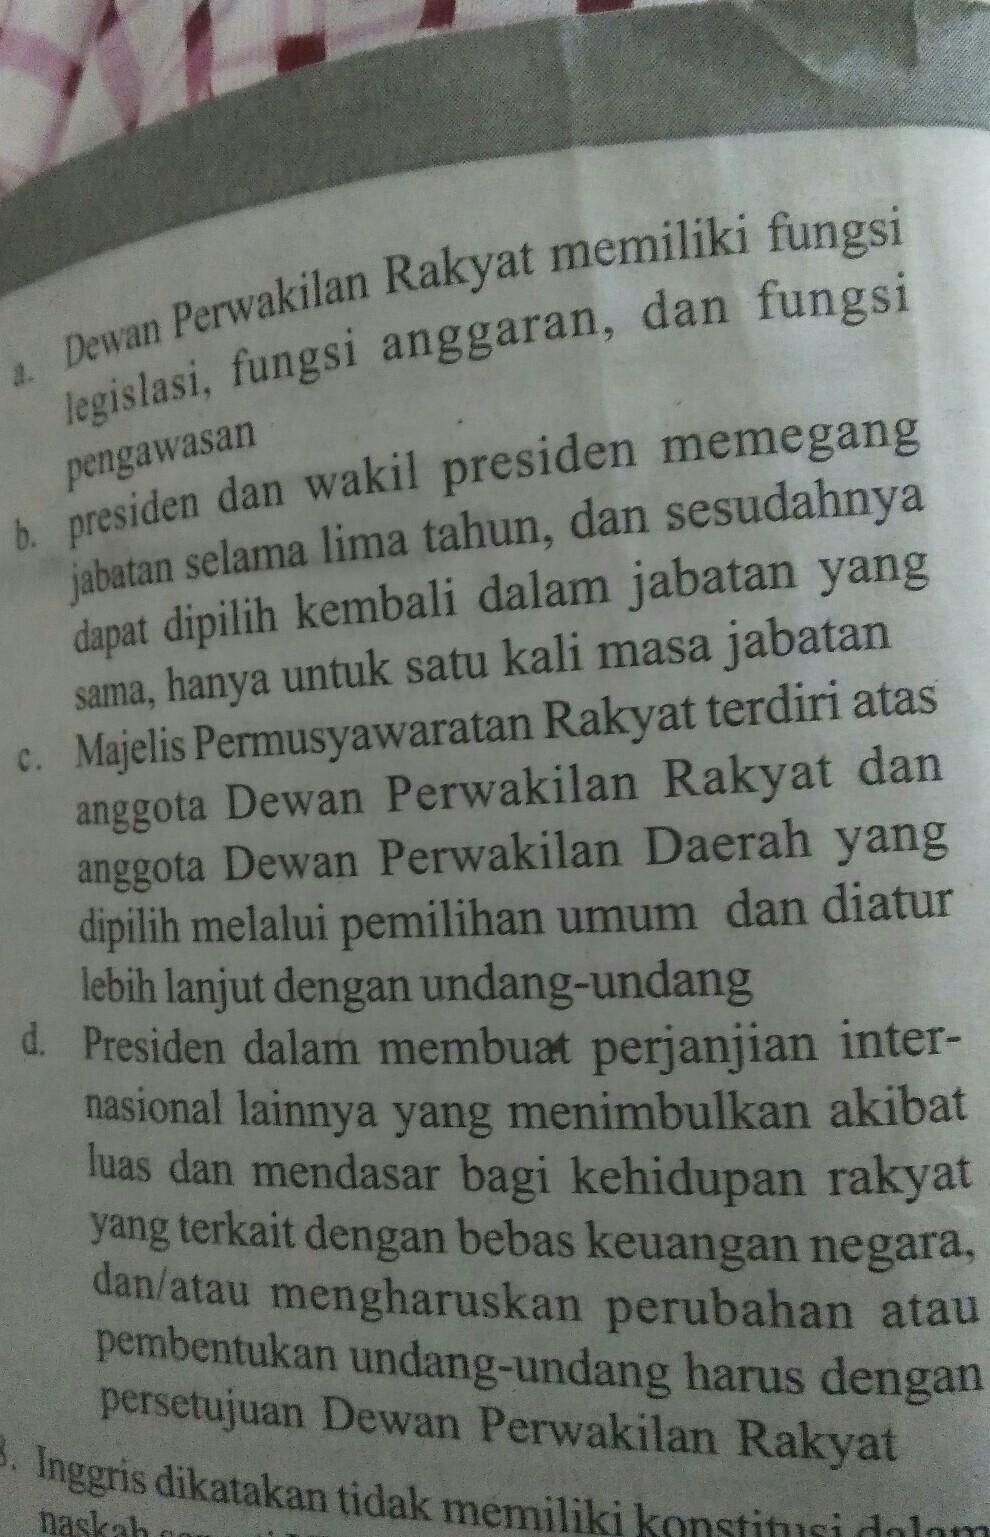 Soal Uud Nri Tahun 1945 Sebagai Konstitusi Negara Indonesia Memiliki Beberapa Fungsi Salah Satunya Brainly Co Id